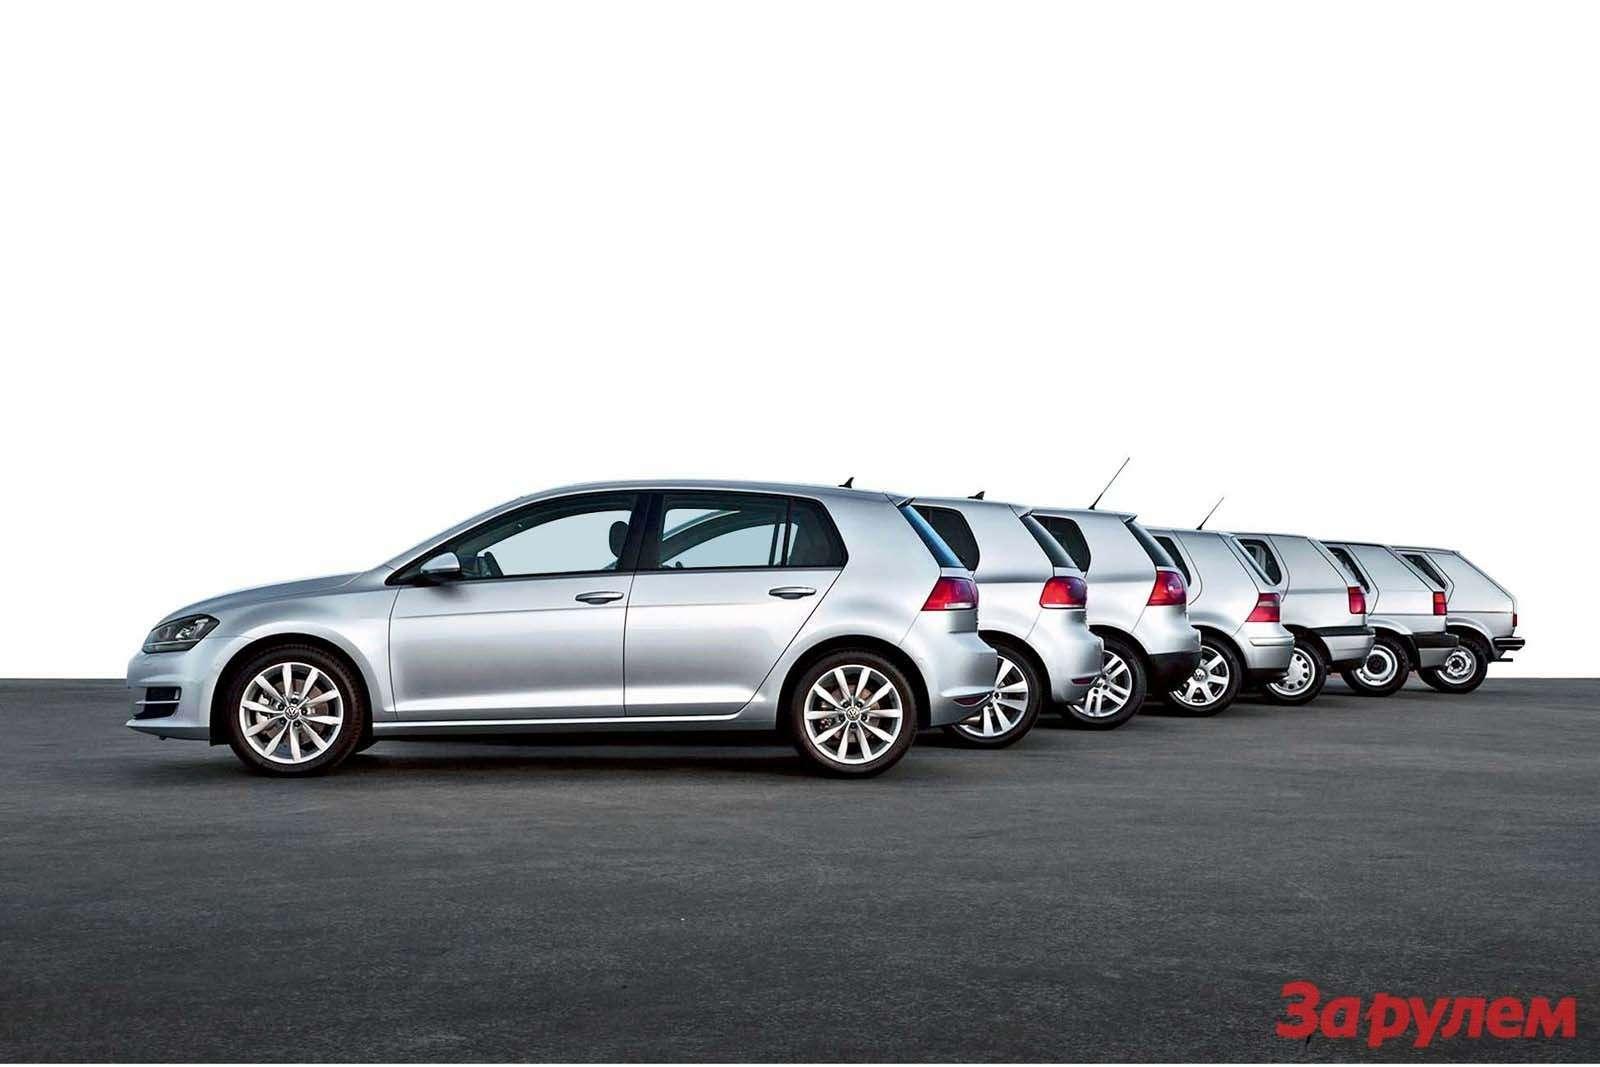 VW-Golf-MK7-6 copy